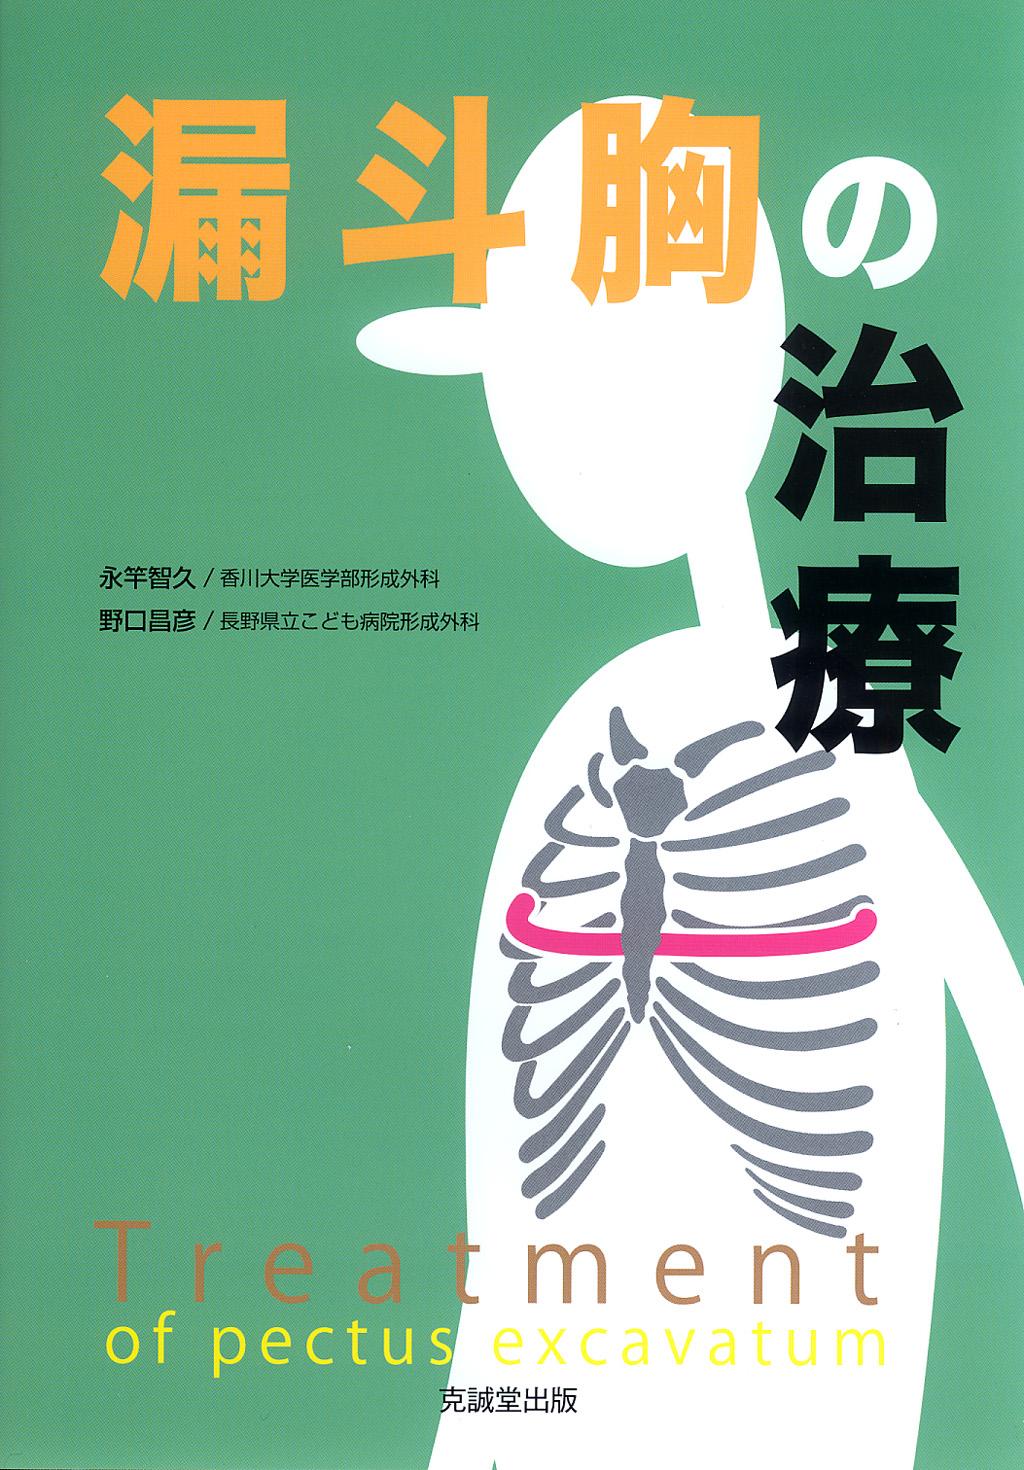 漏斗胸の治療